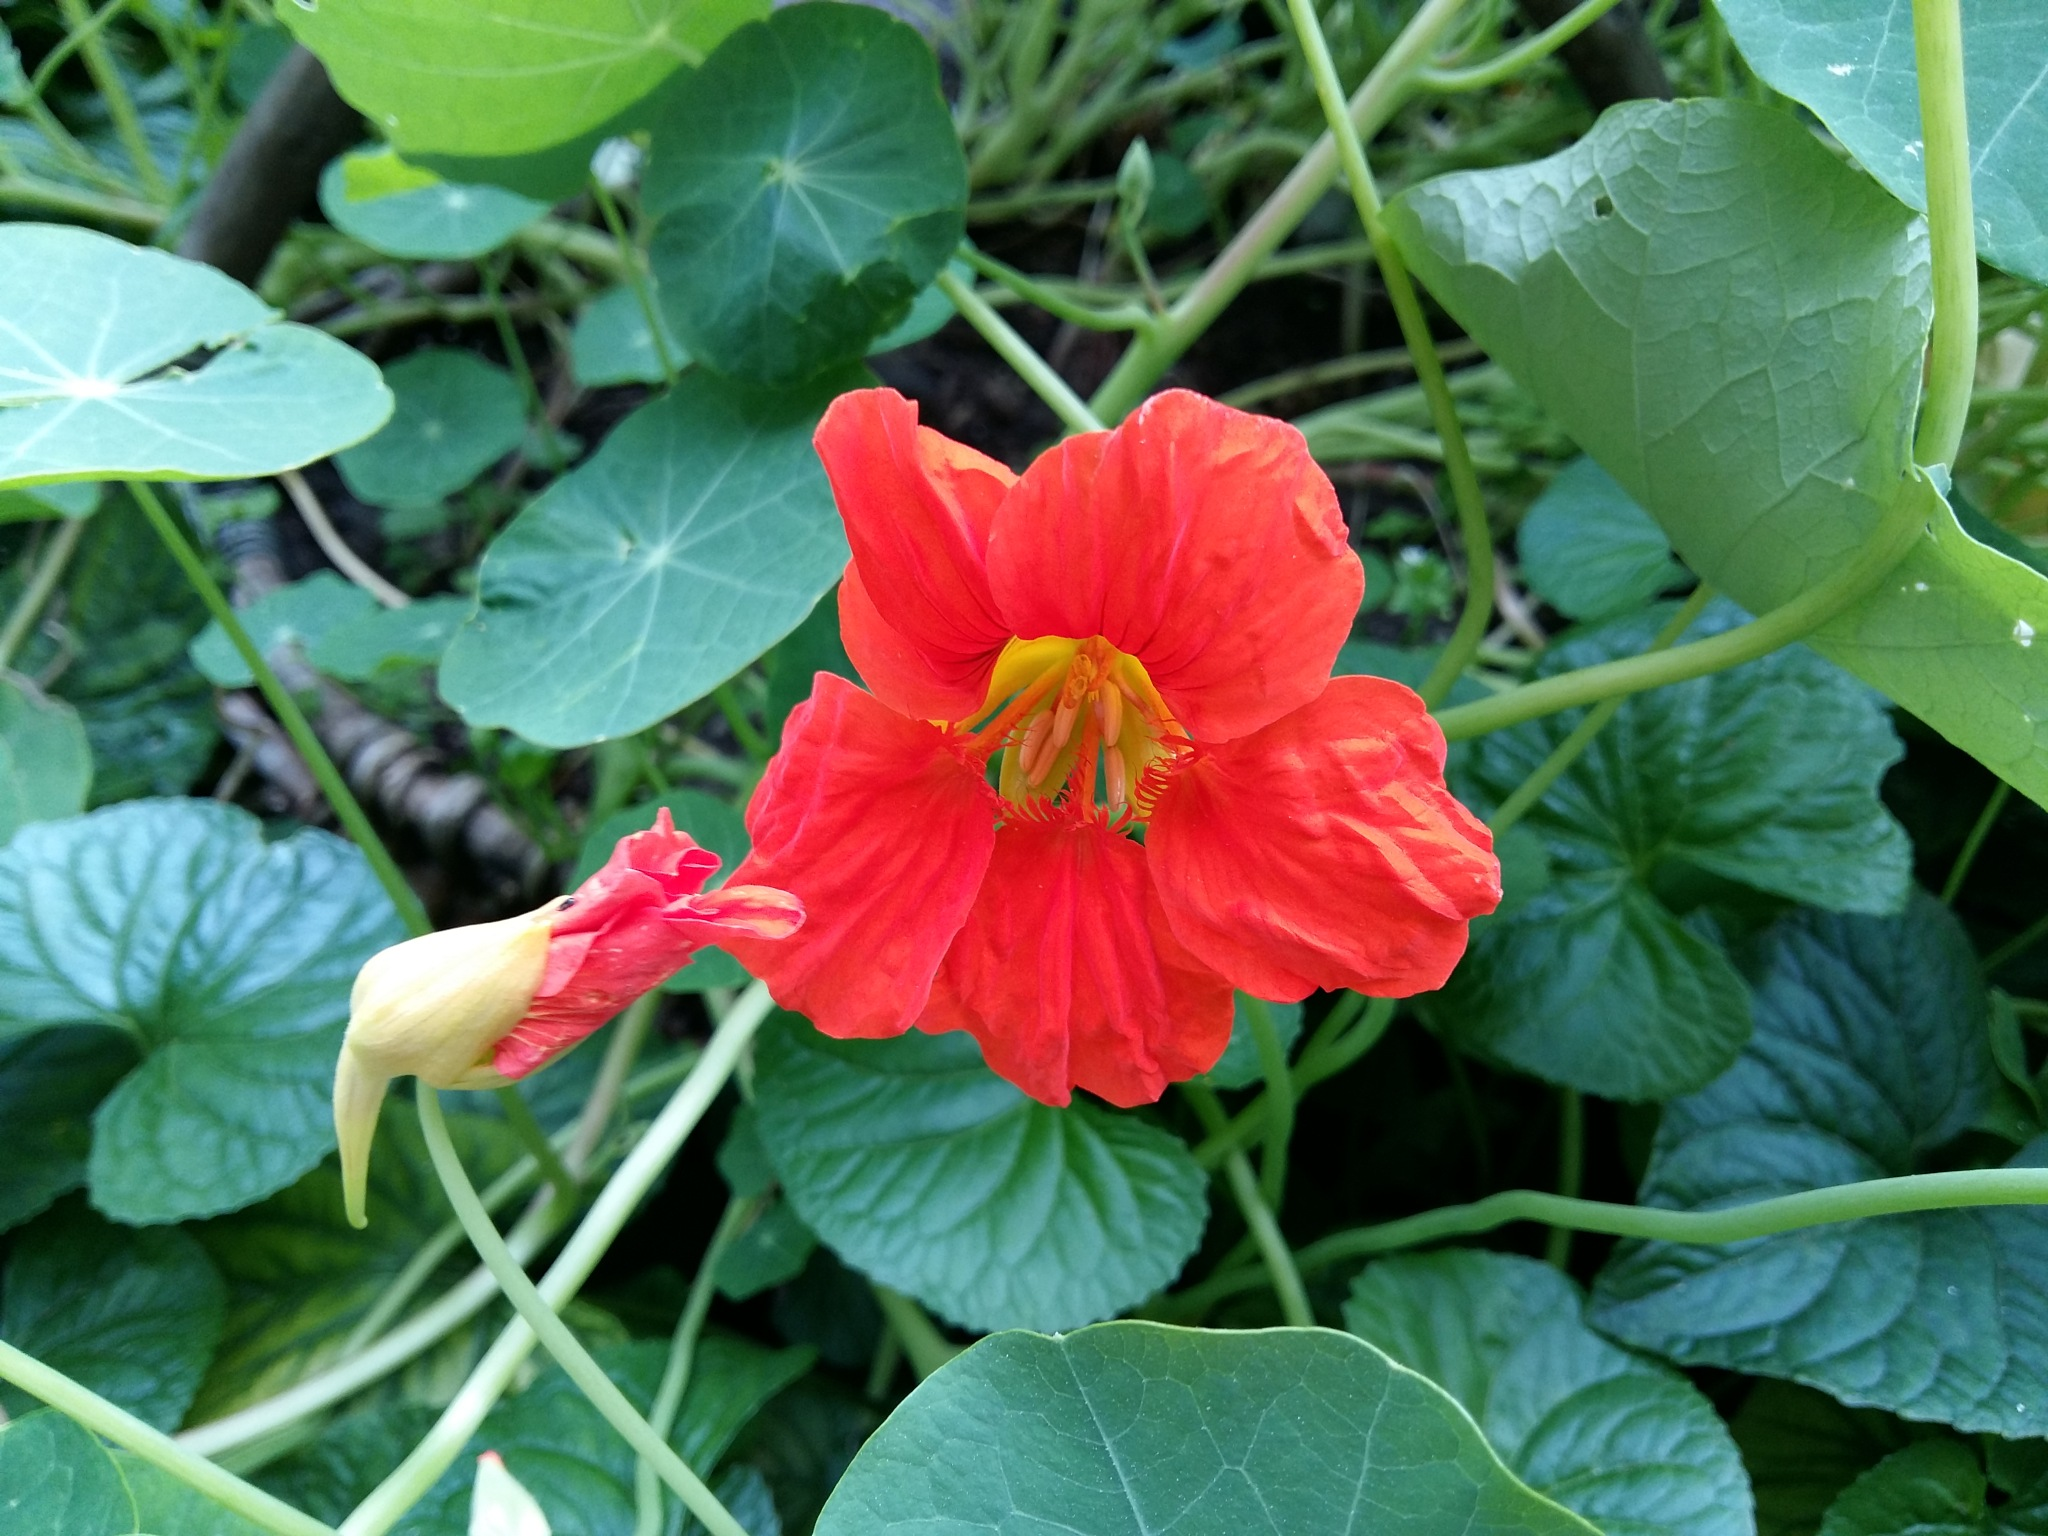 Flower with bud by uzkuraitiene62